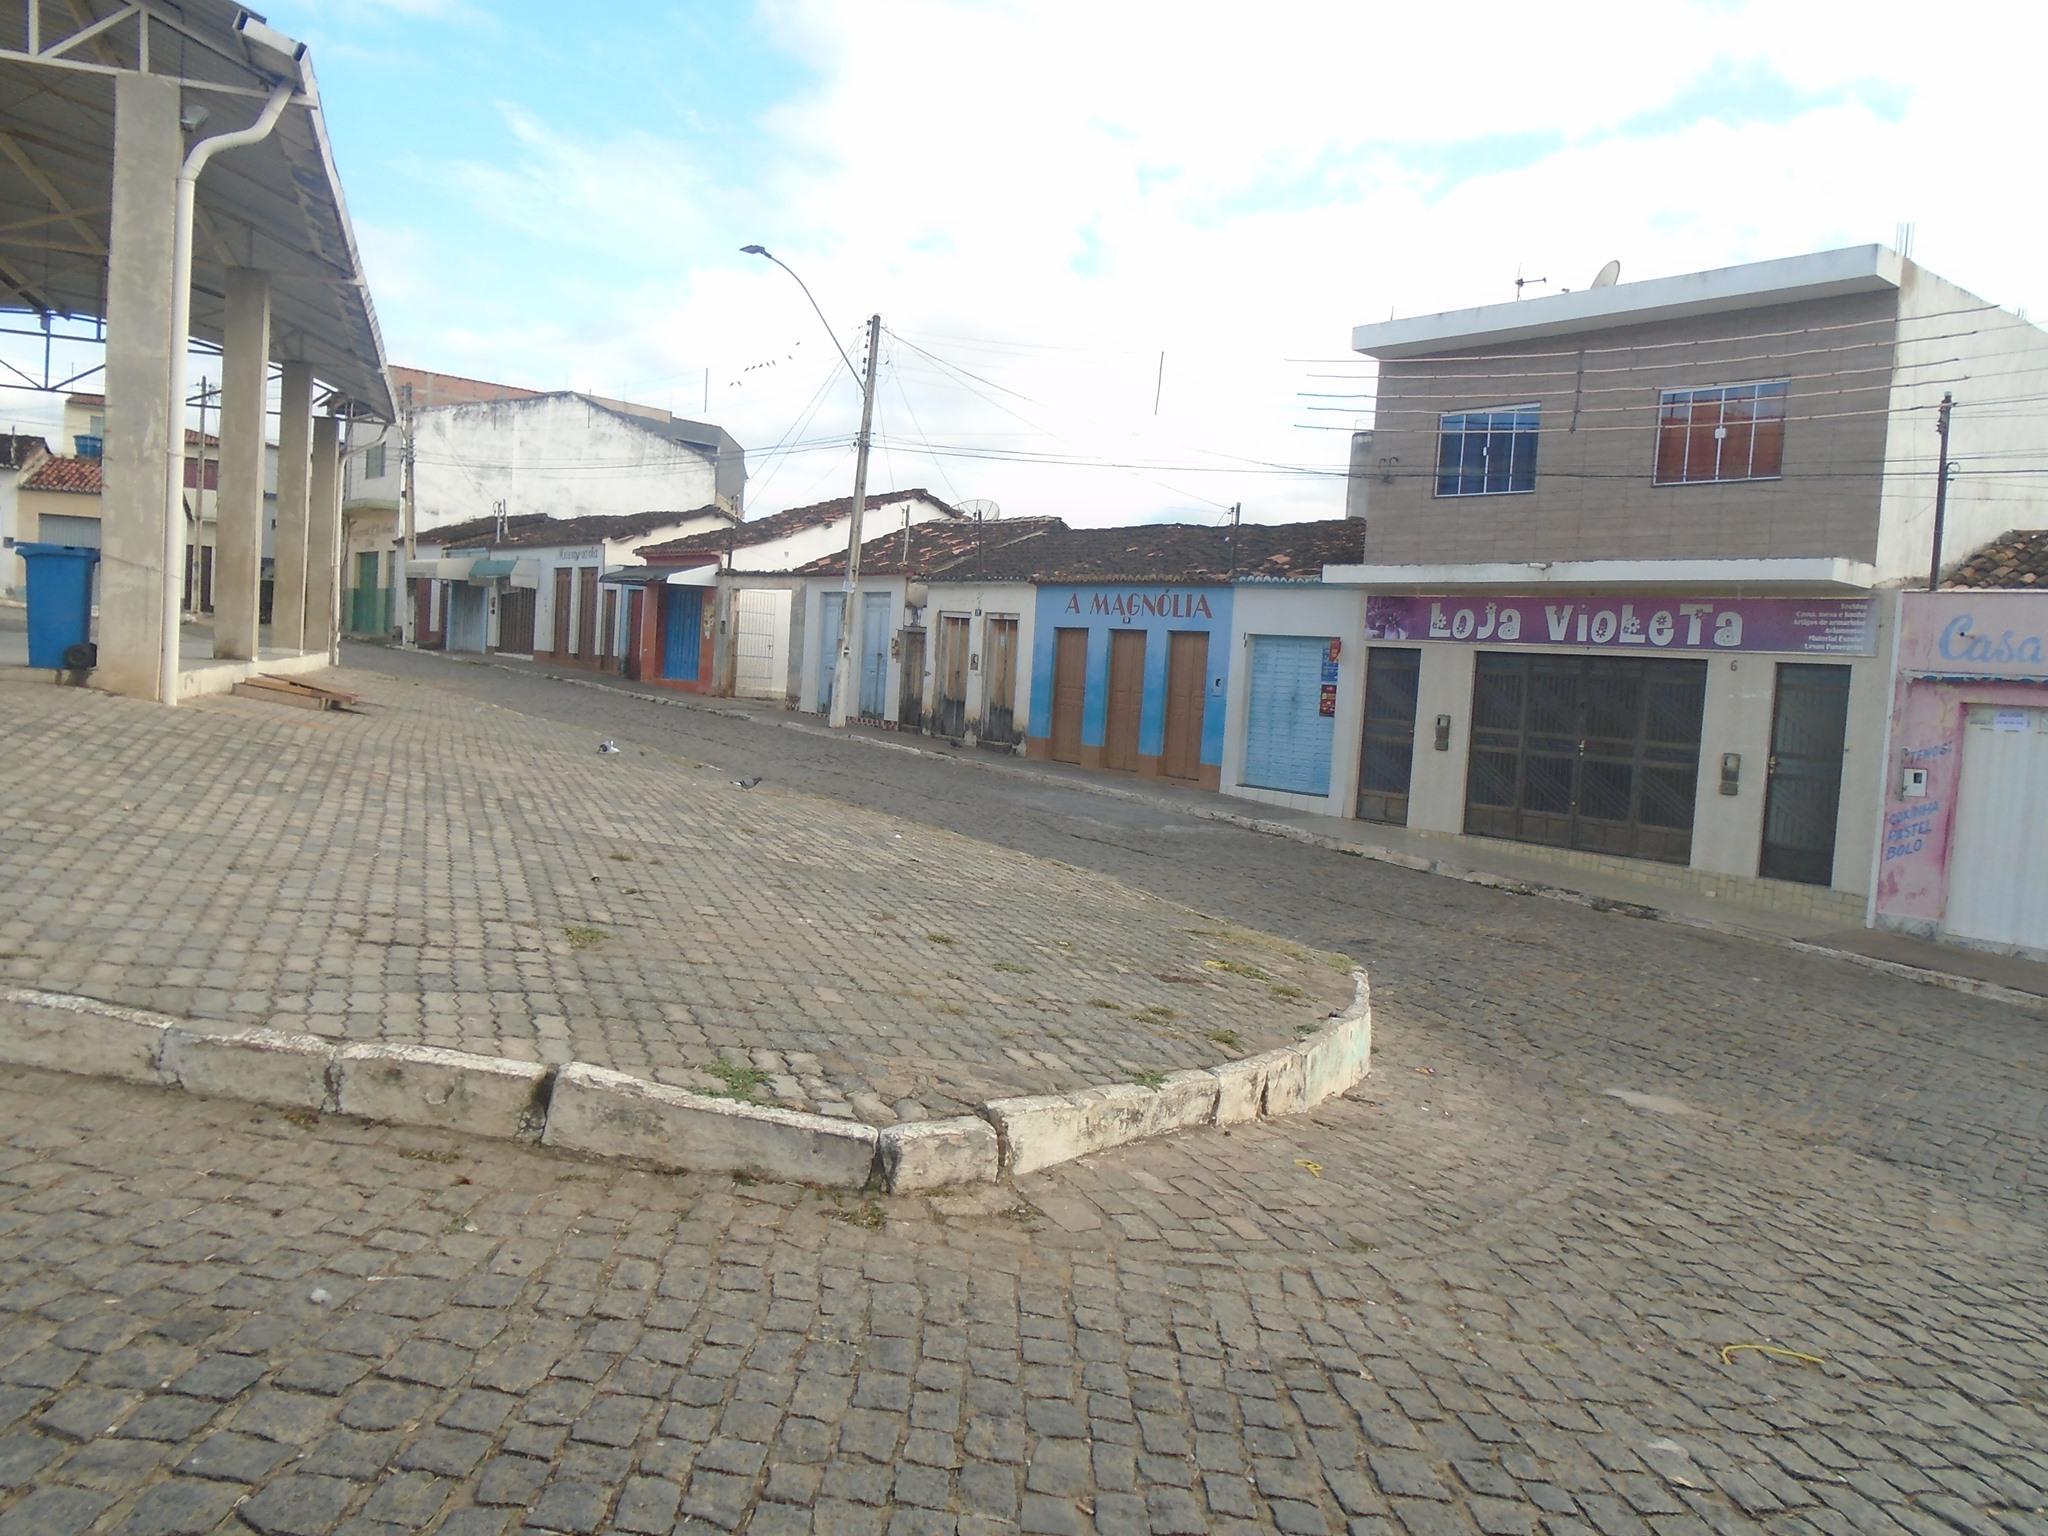 Fotos-uit-de-regio-van-Ibitiara-en-Seabra-aan-de-grote-BR-242-85